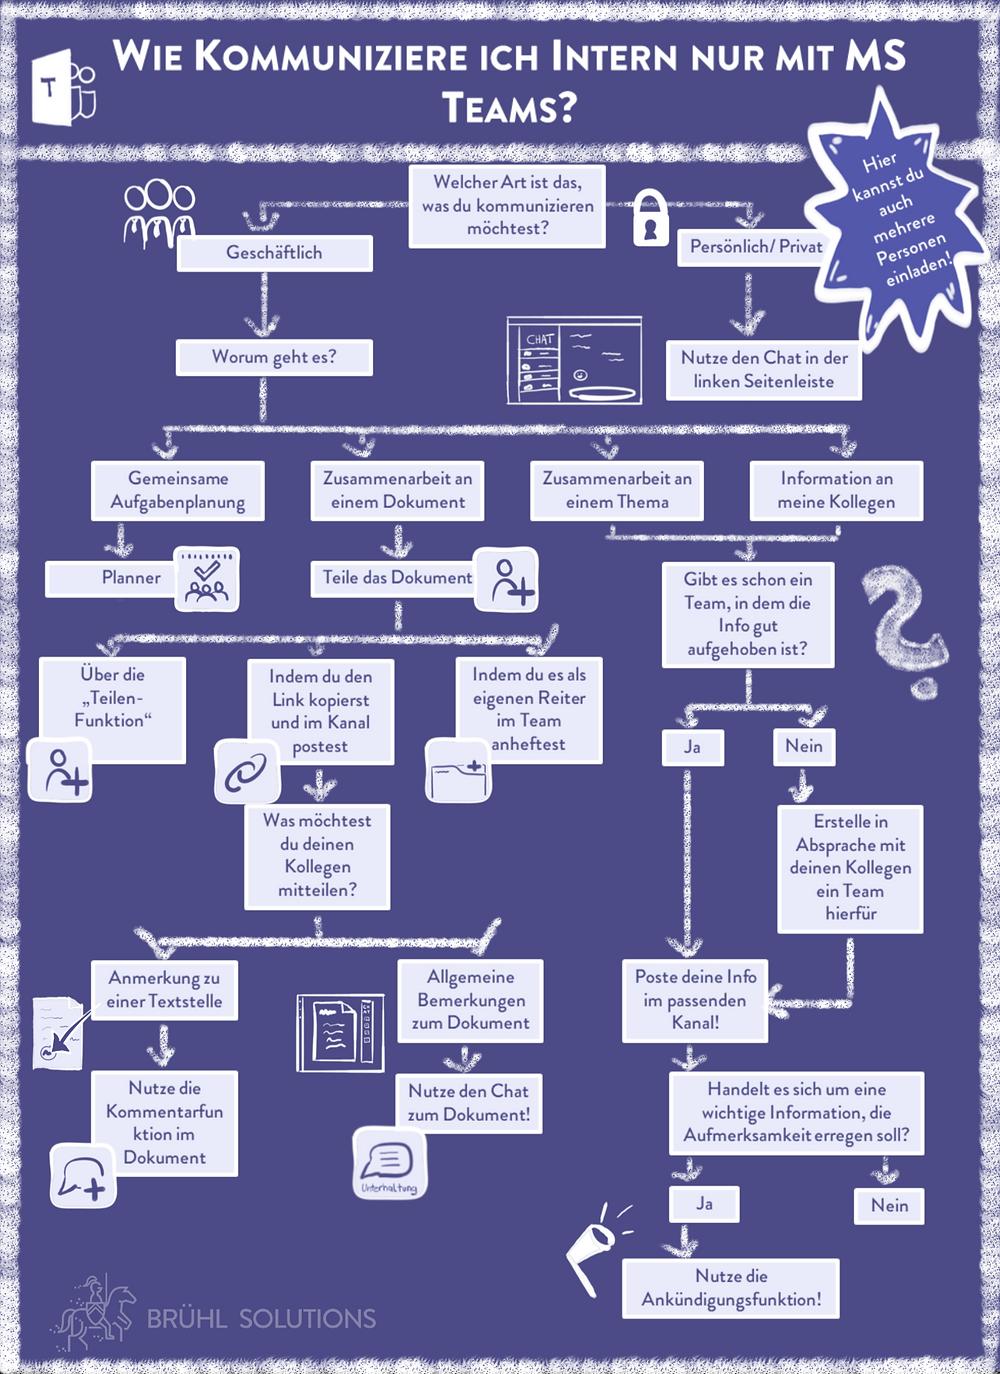 Cheet-Sheet für die interne Kommunikation mit MS Teams